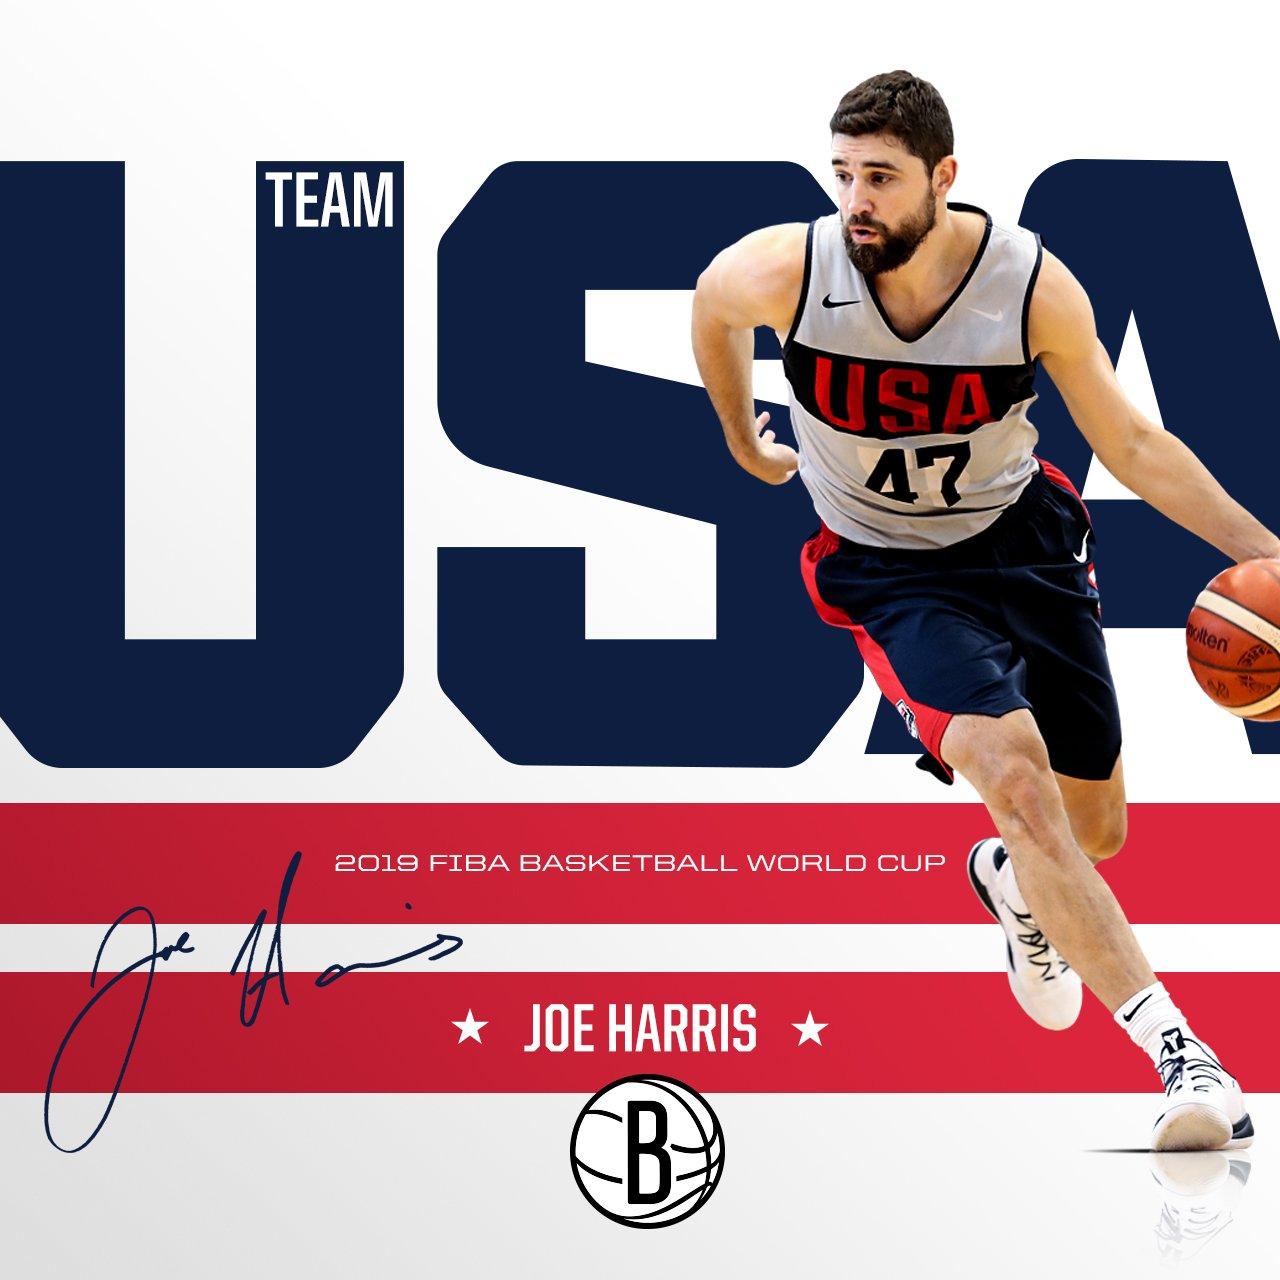 三分神射!篮网官方祝贺乔-哈里斯入选美国男篮最终名单